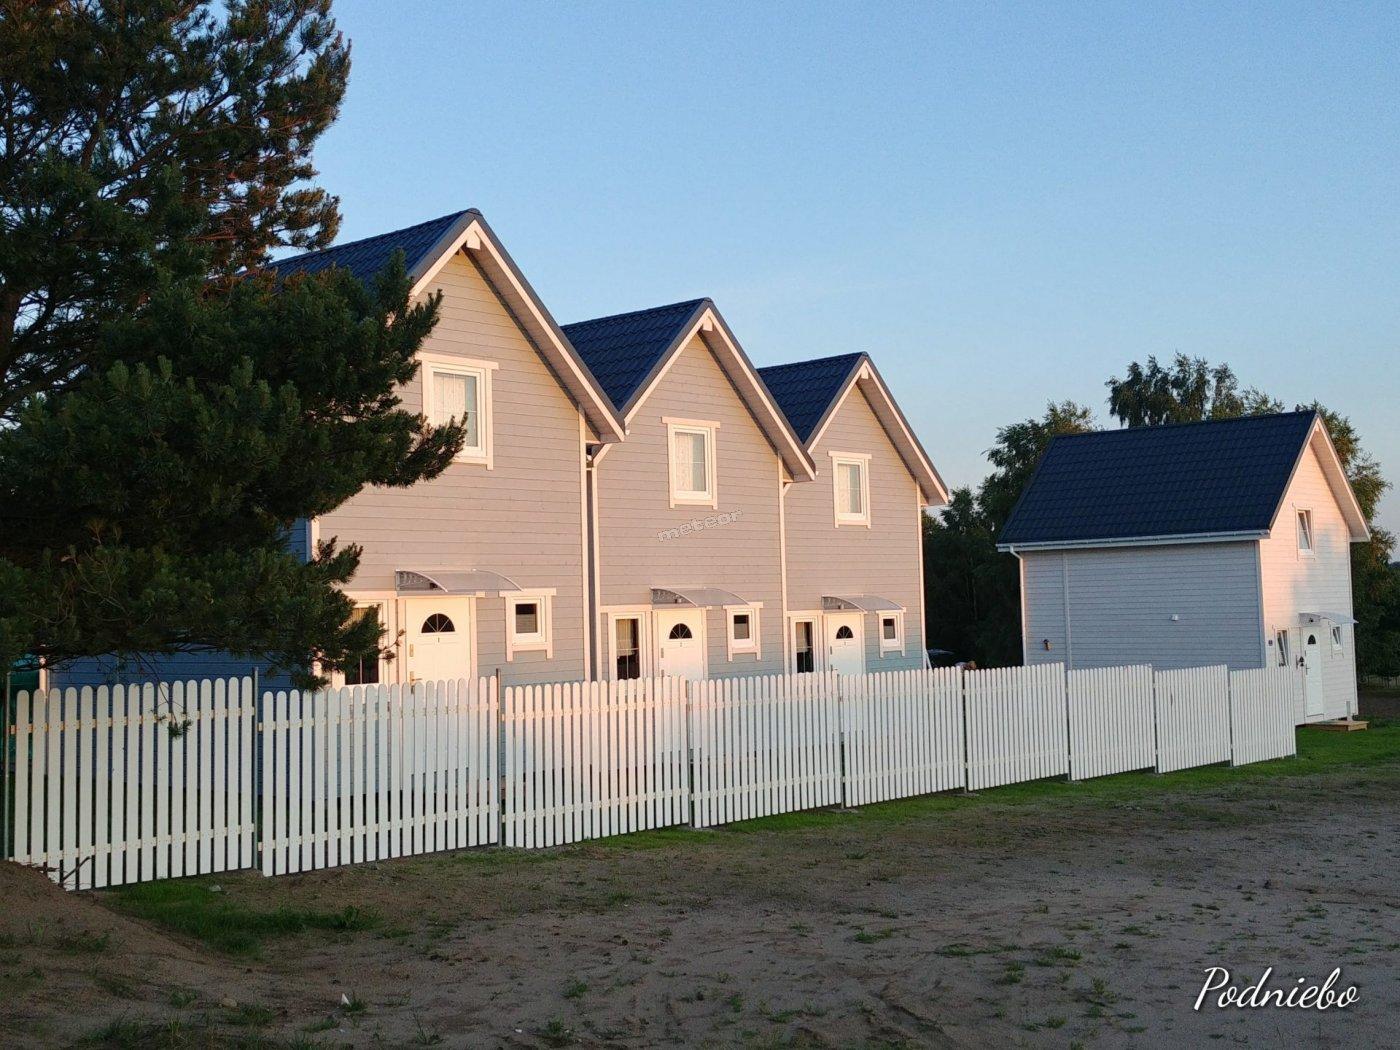 Domki Podniebo